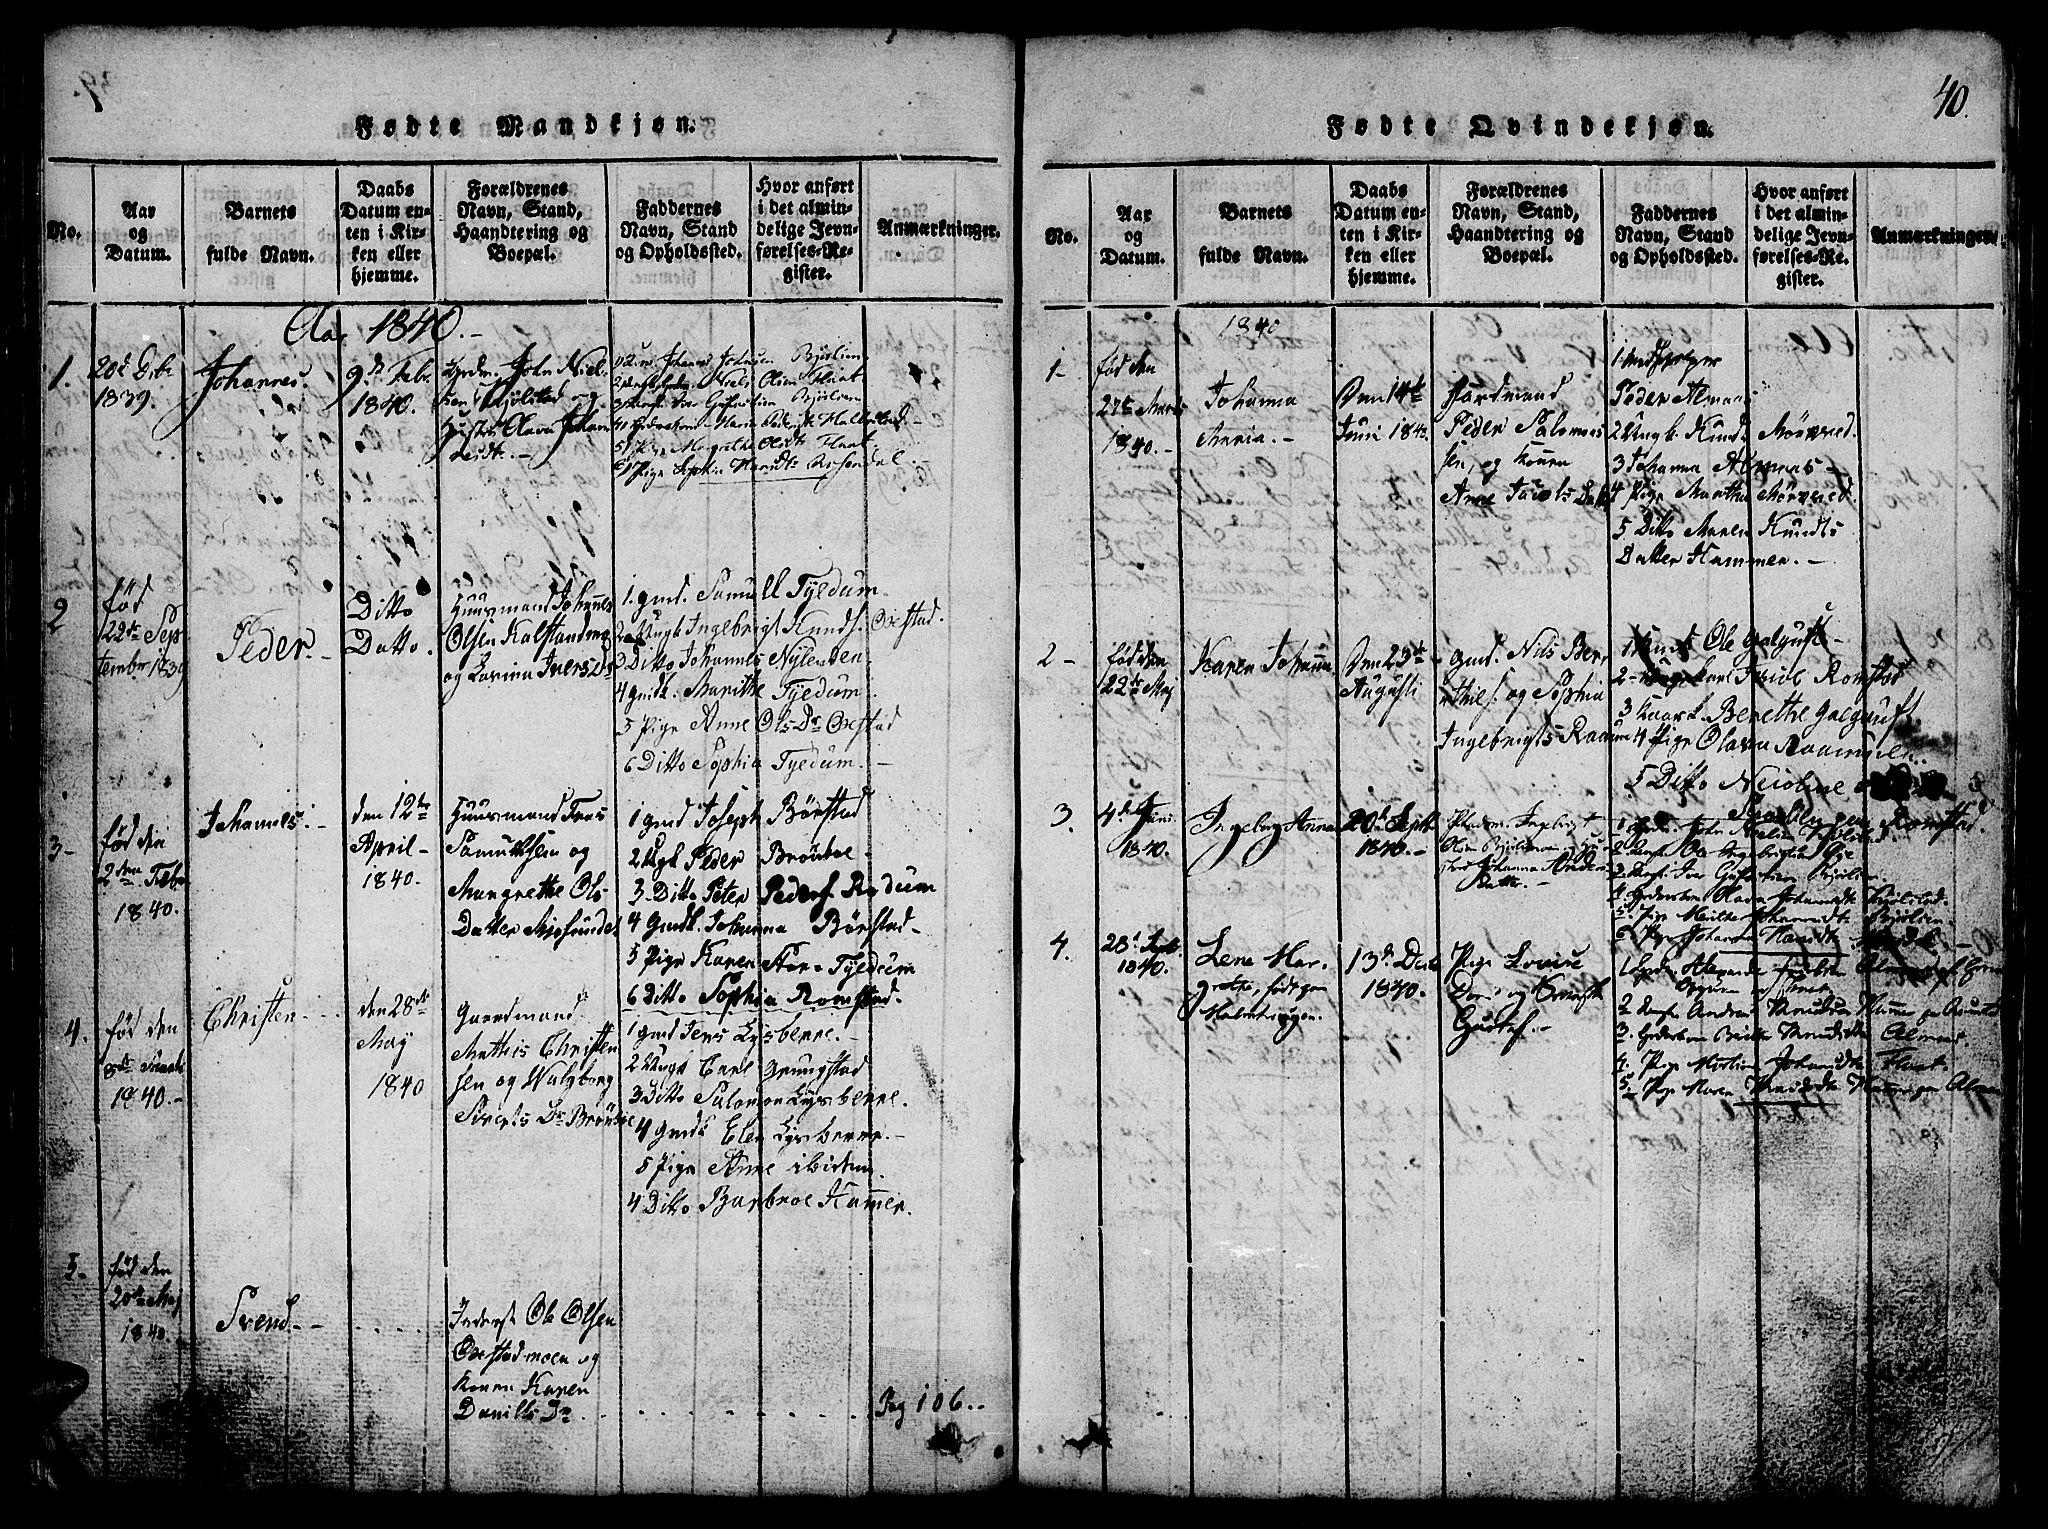 SAT, Ministerialprotokoller, klokkerbøker og fødselsregistre - Nord-Trøndelag, 765/L0562: Klokkerbok nr. 765C01, 1817-1851, s. 40